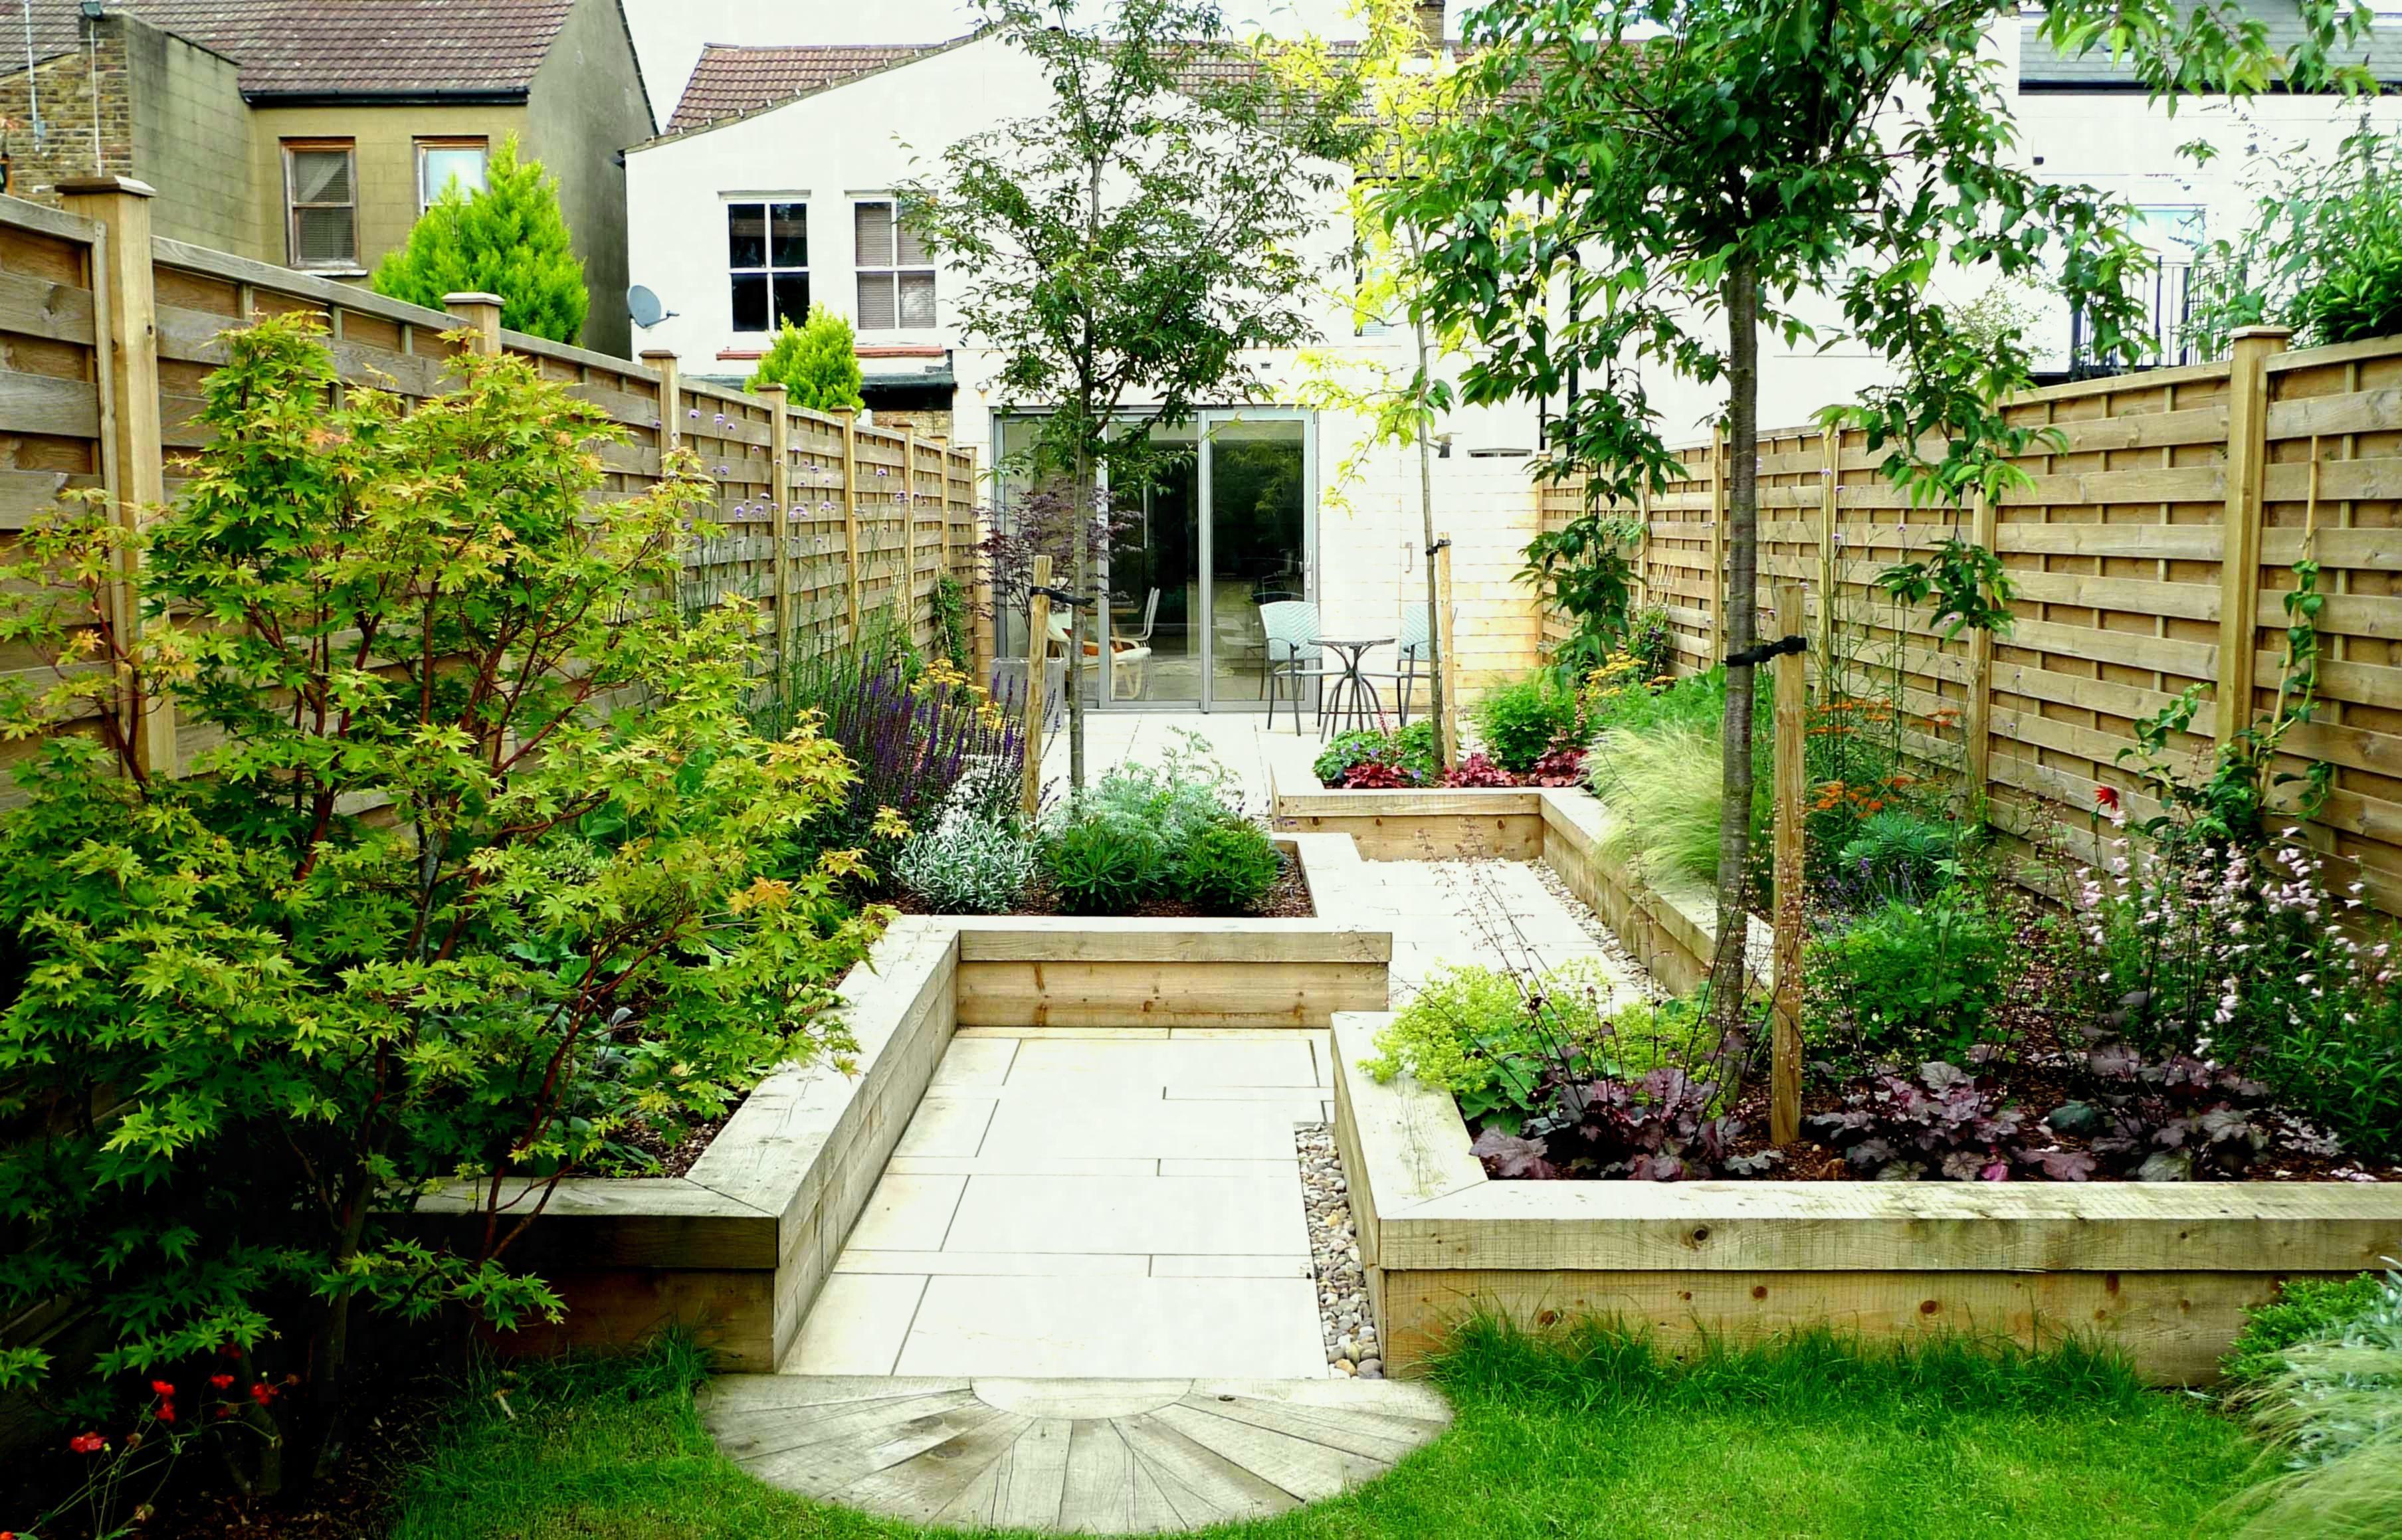 Garden Small Home Garden Plans Very Small Garden Design Simple Courtyard Gardens Design Simple Garden Designs Backyard Garden Layout